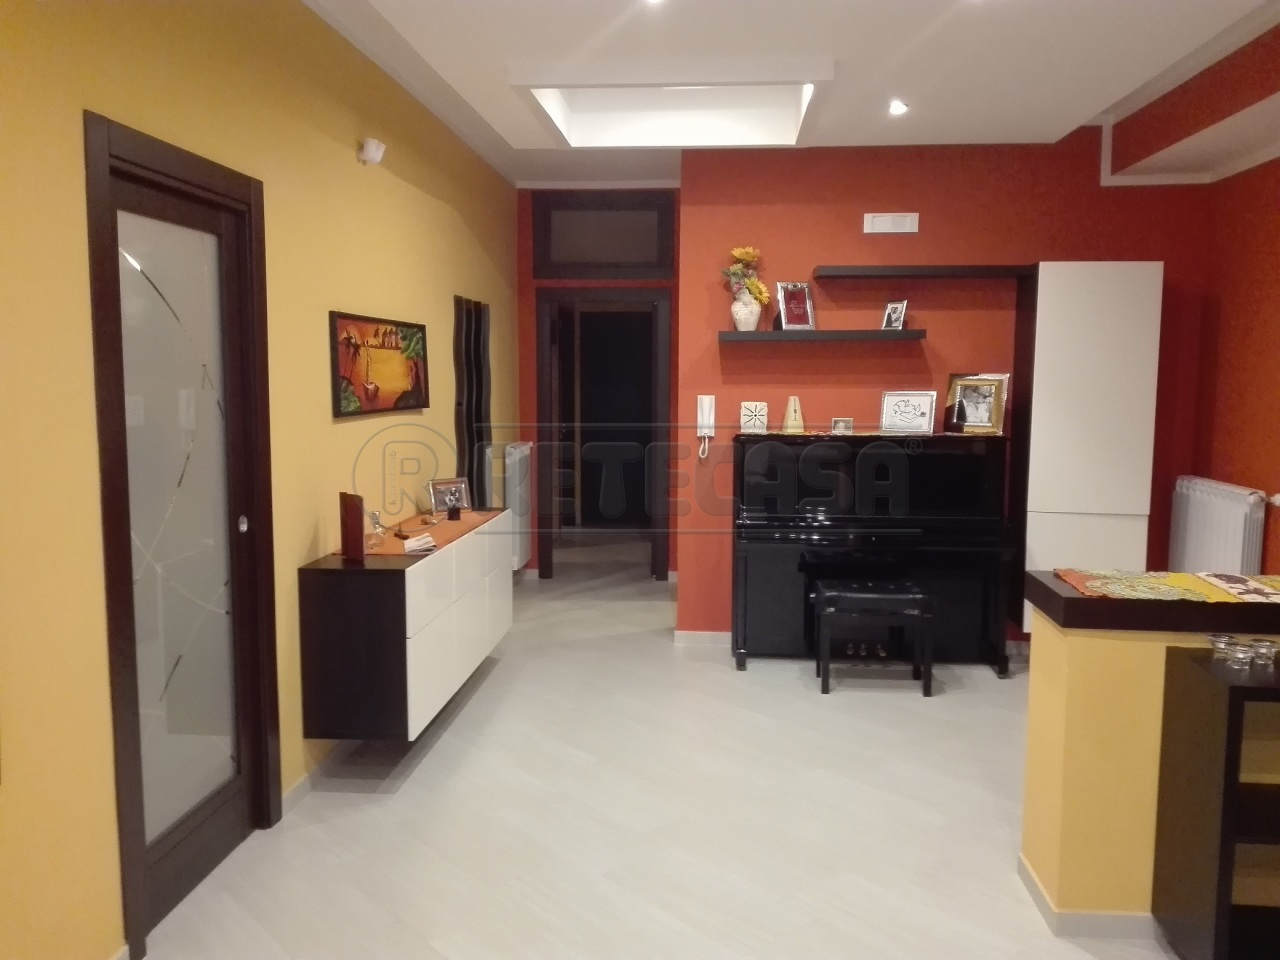 Appartamento in vendita a Mercato San Severino, 4 locali, prezzo € 269.000 | Cambio Casa.it